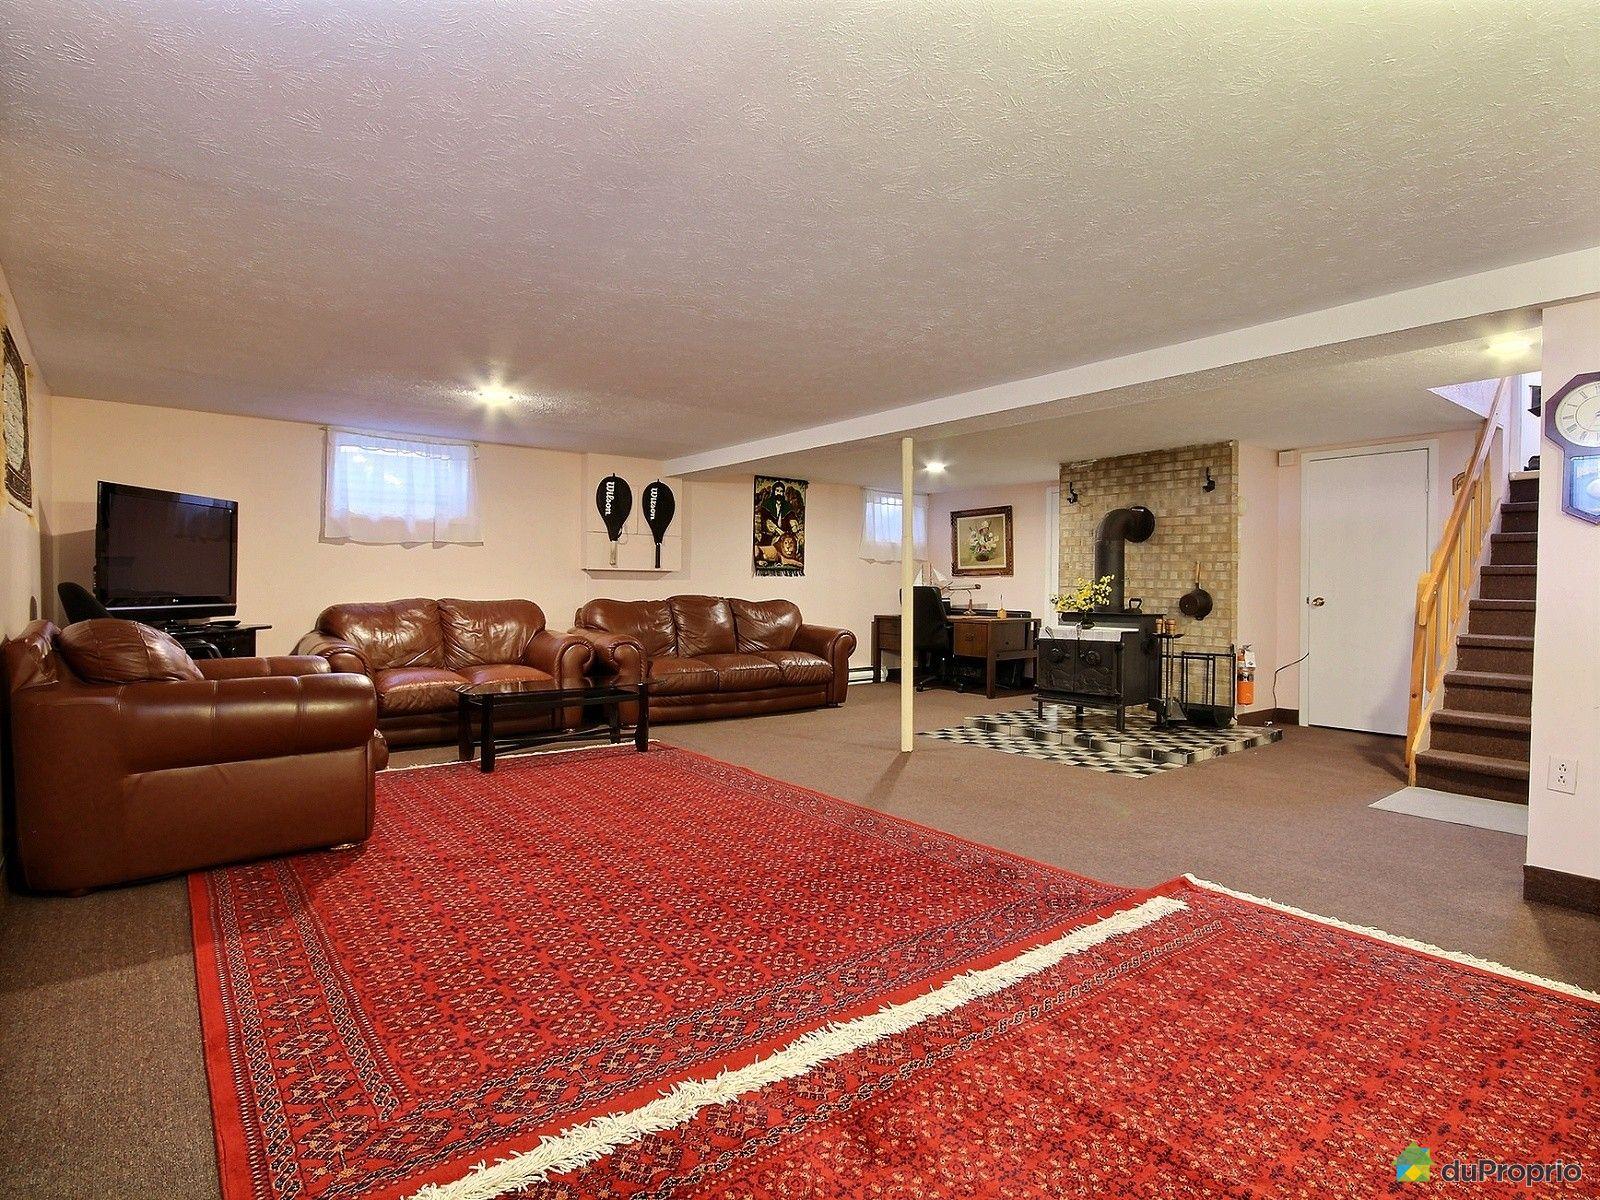 Maison à vendre Sherbrooke, 922 rue des Jacinthes